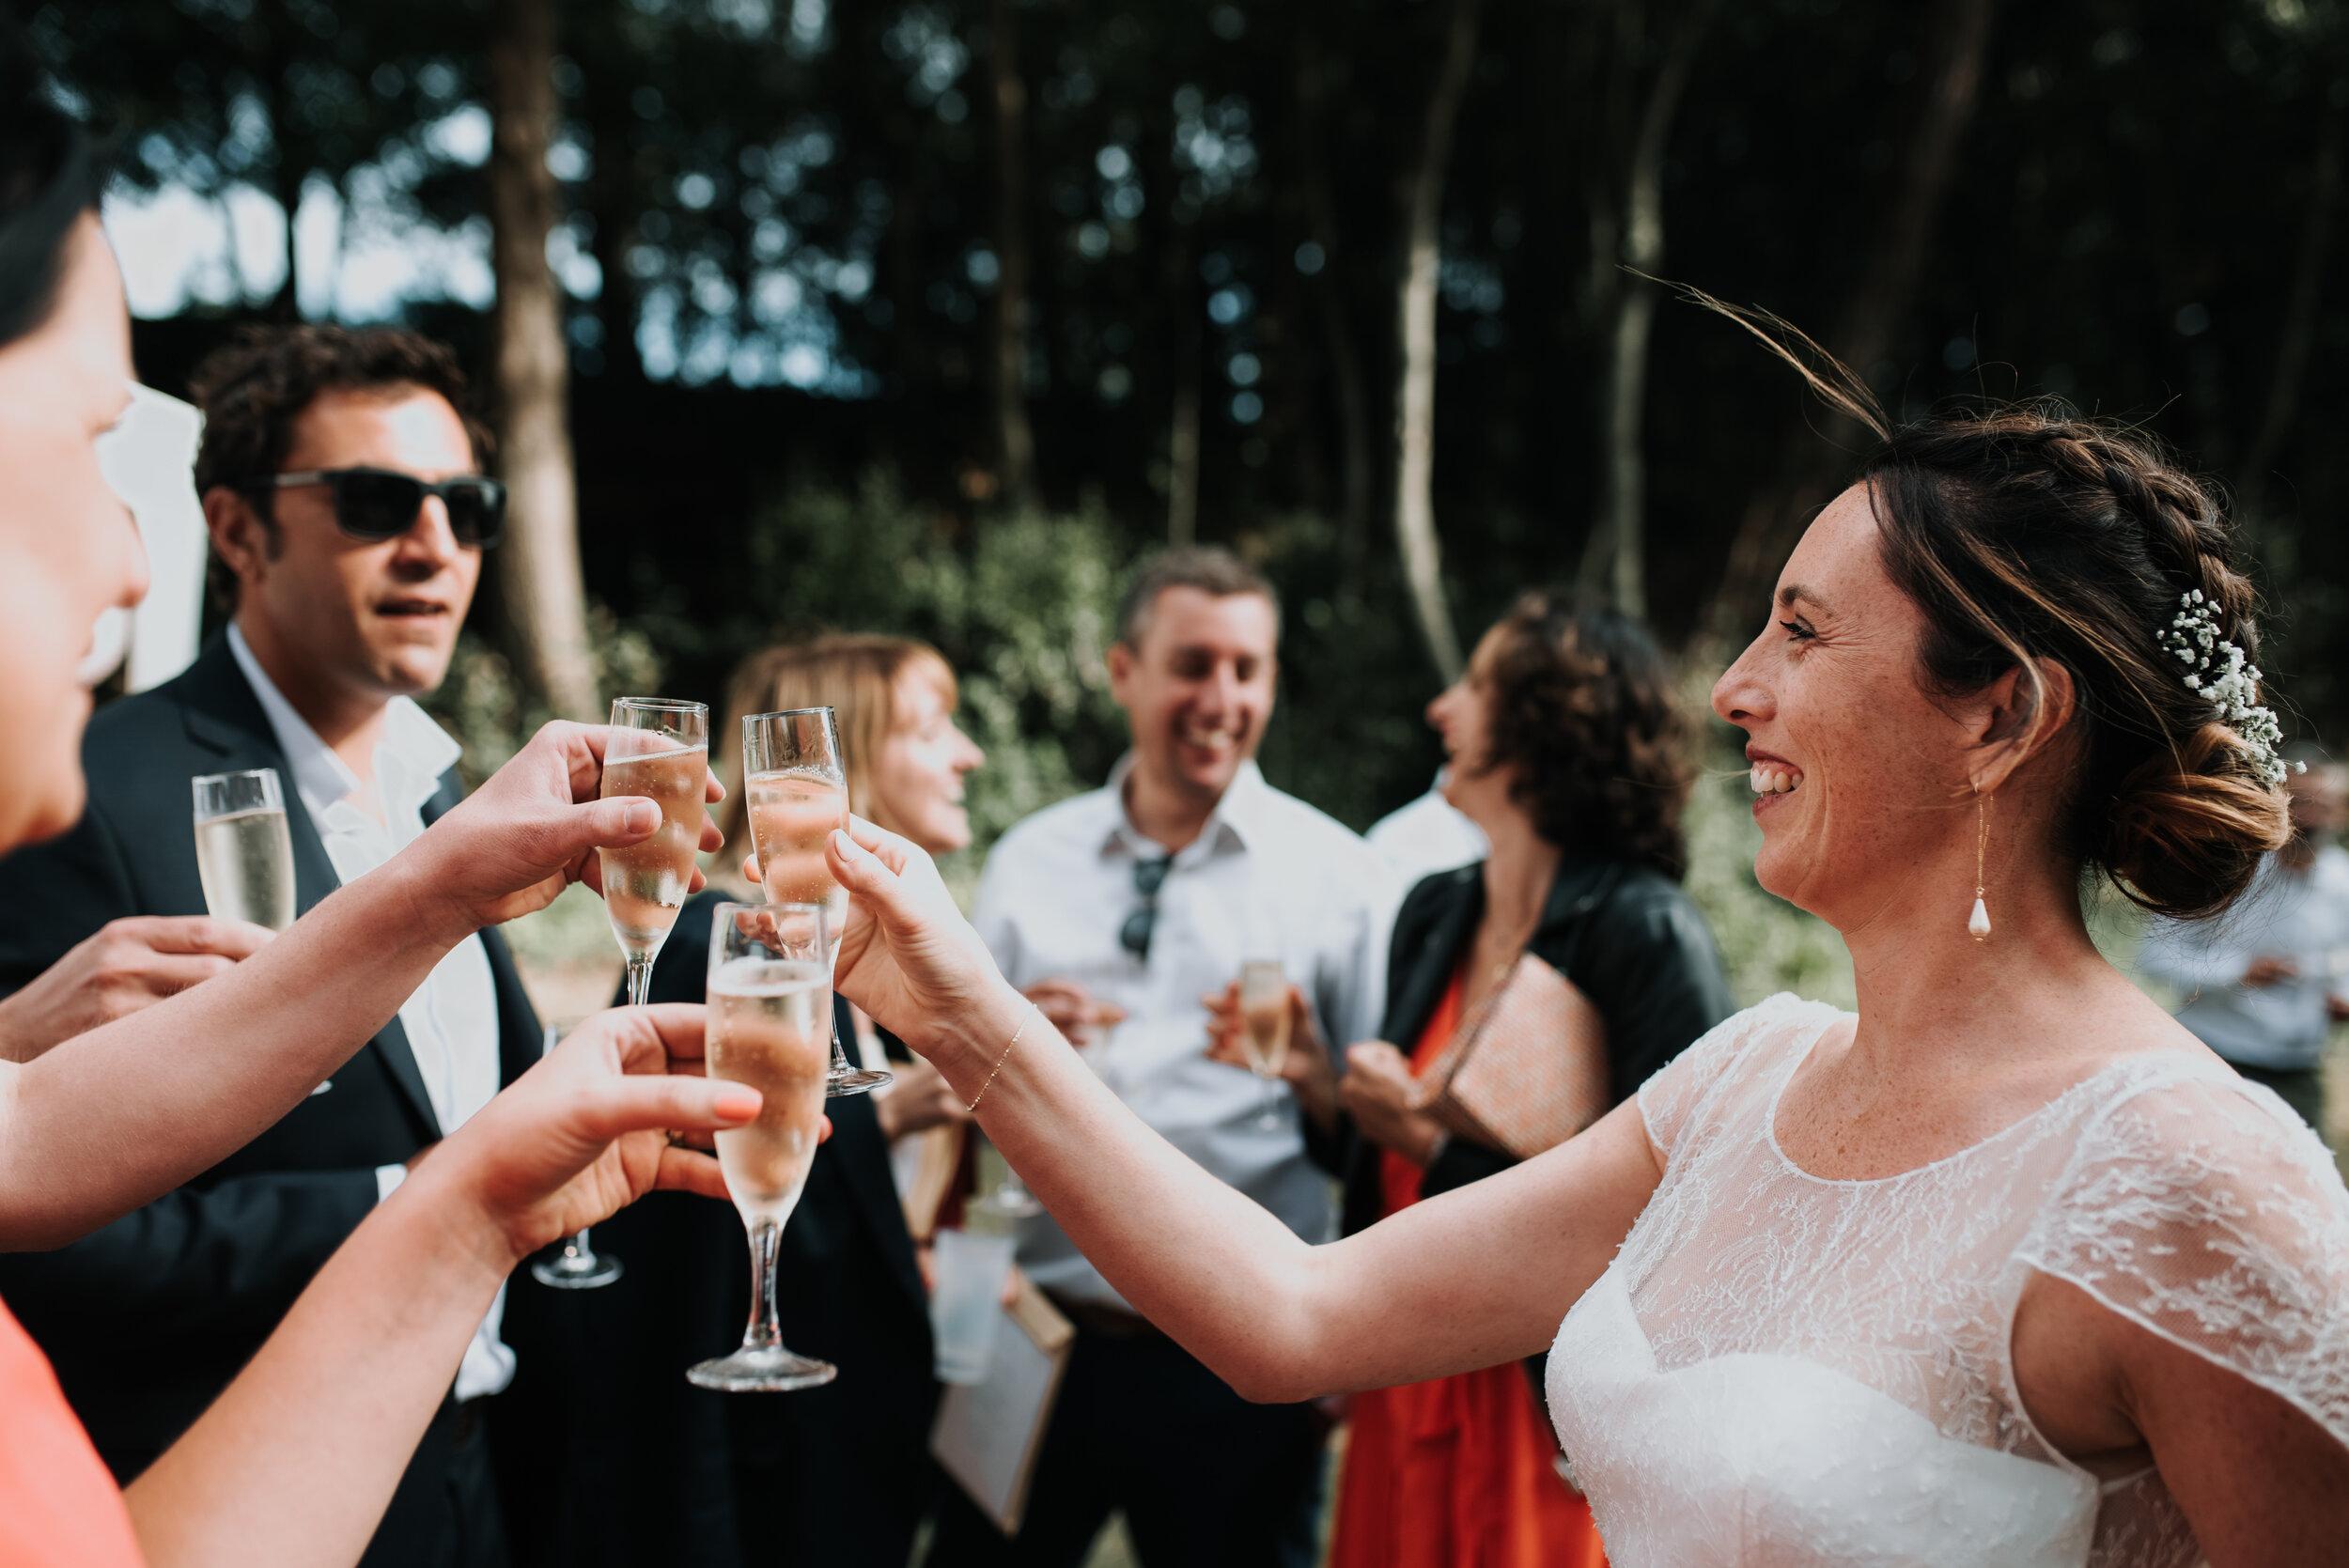 Léa-Fery-photographe-professionnel-Bretagne-portrait-creation-mariage-evenement-evenementiel-famille-7171.jpg